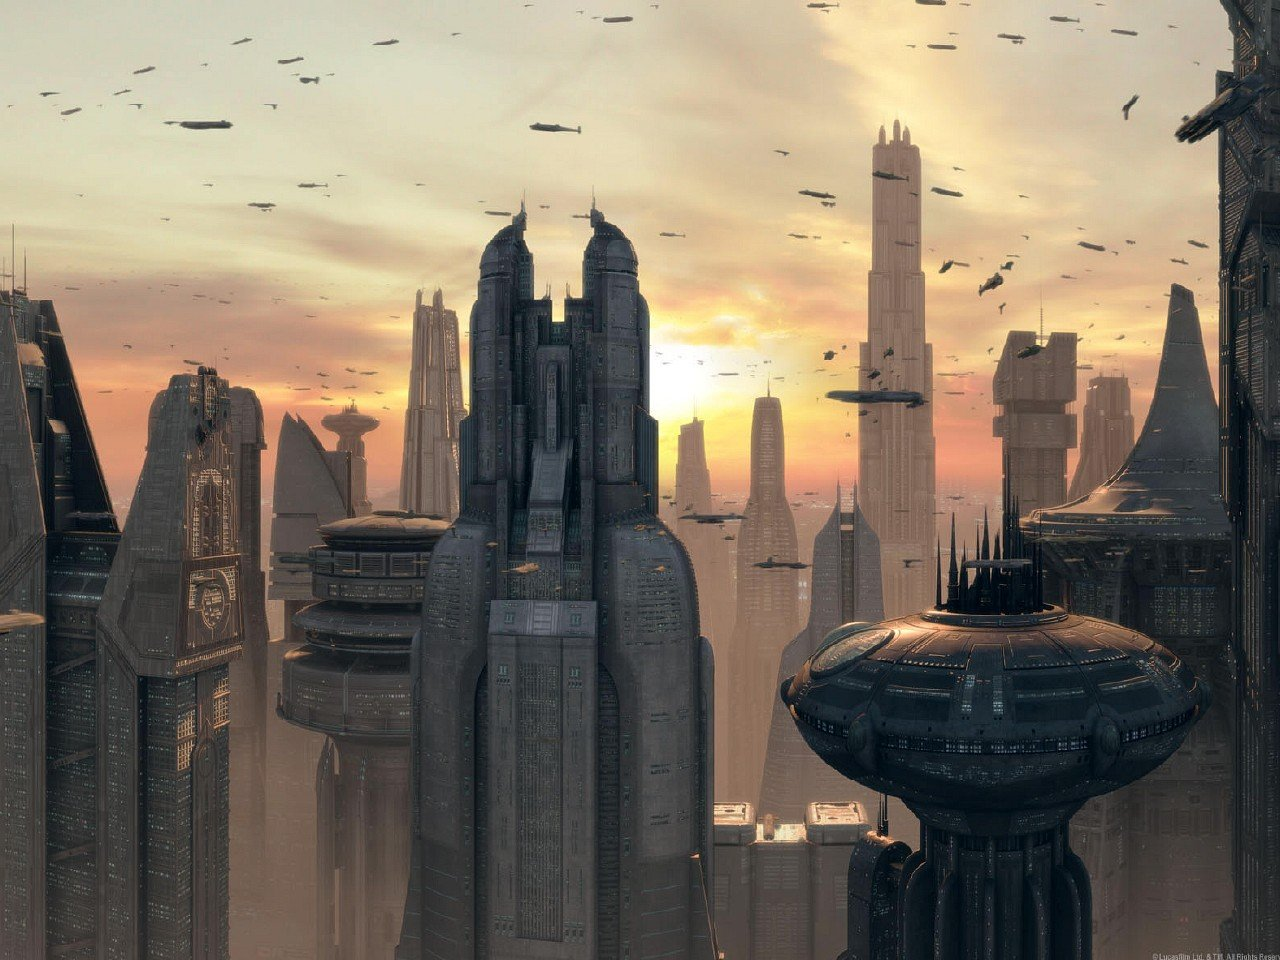 imaginer sa ville de demain